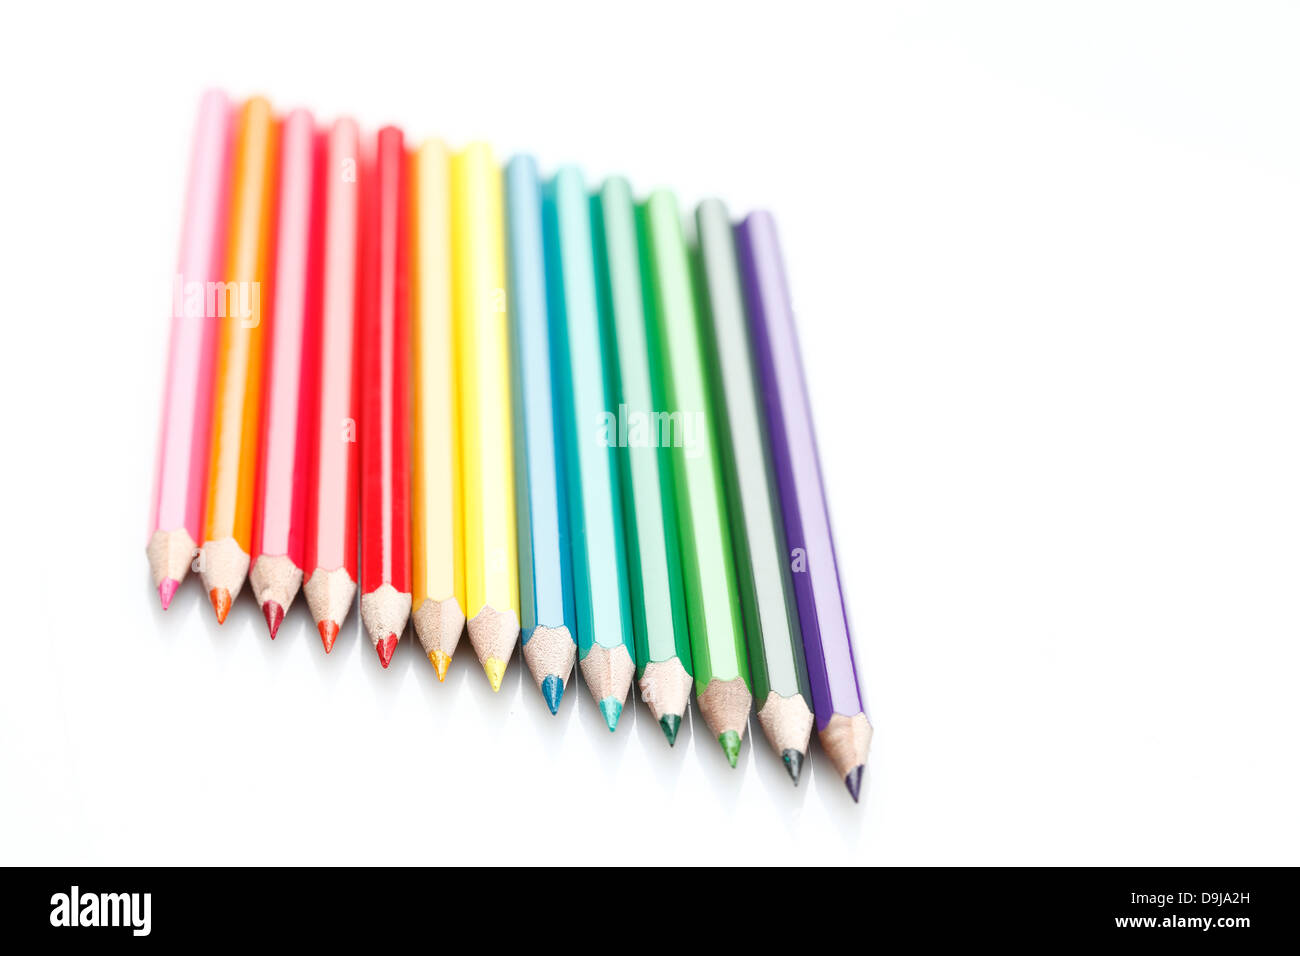 Un crayon de couleur disposés en angle. Photo Stock